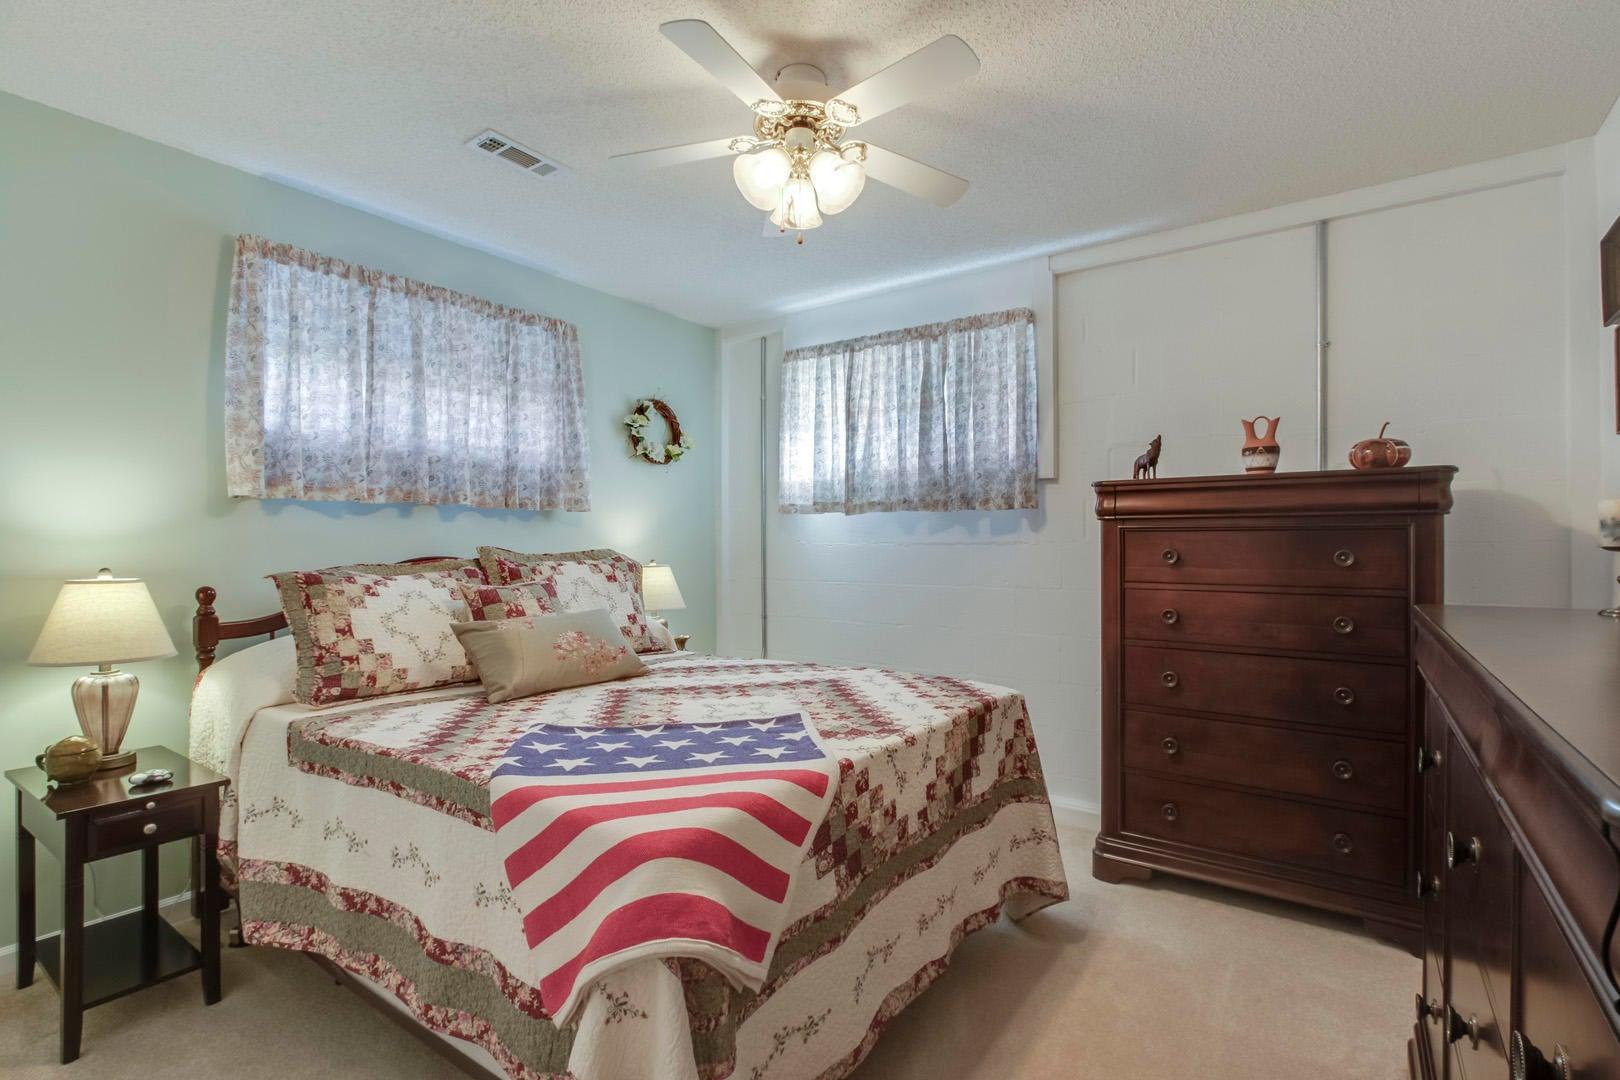 25_170 Saligugi Way_Bedroom2